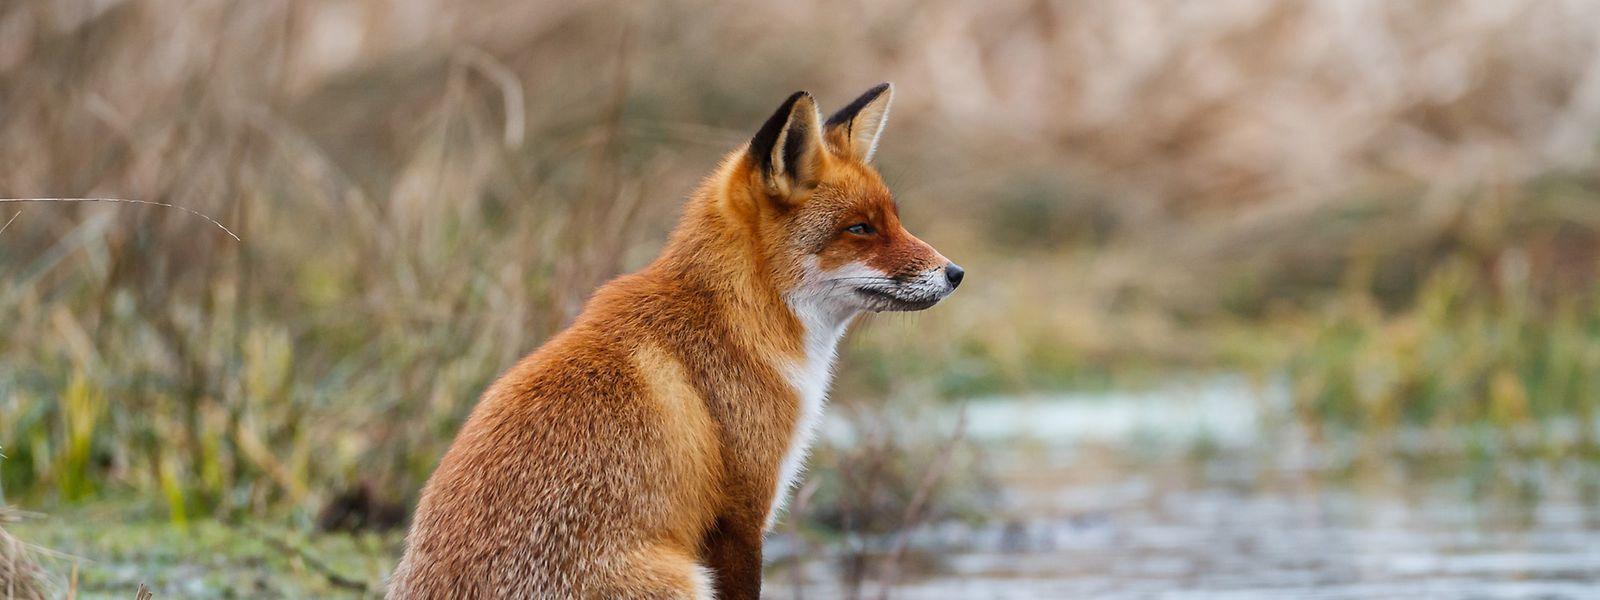 Füchse dürfen ab April in Luxemburg für ein Jahr lang nicht mehr gejagt werden.